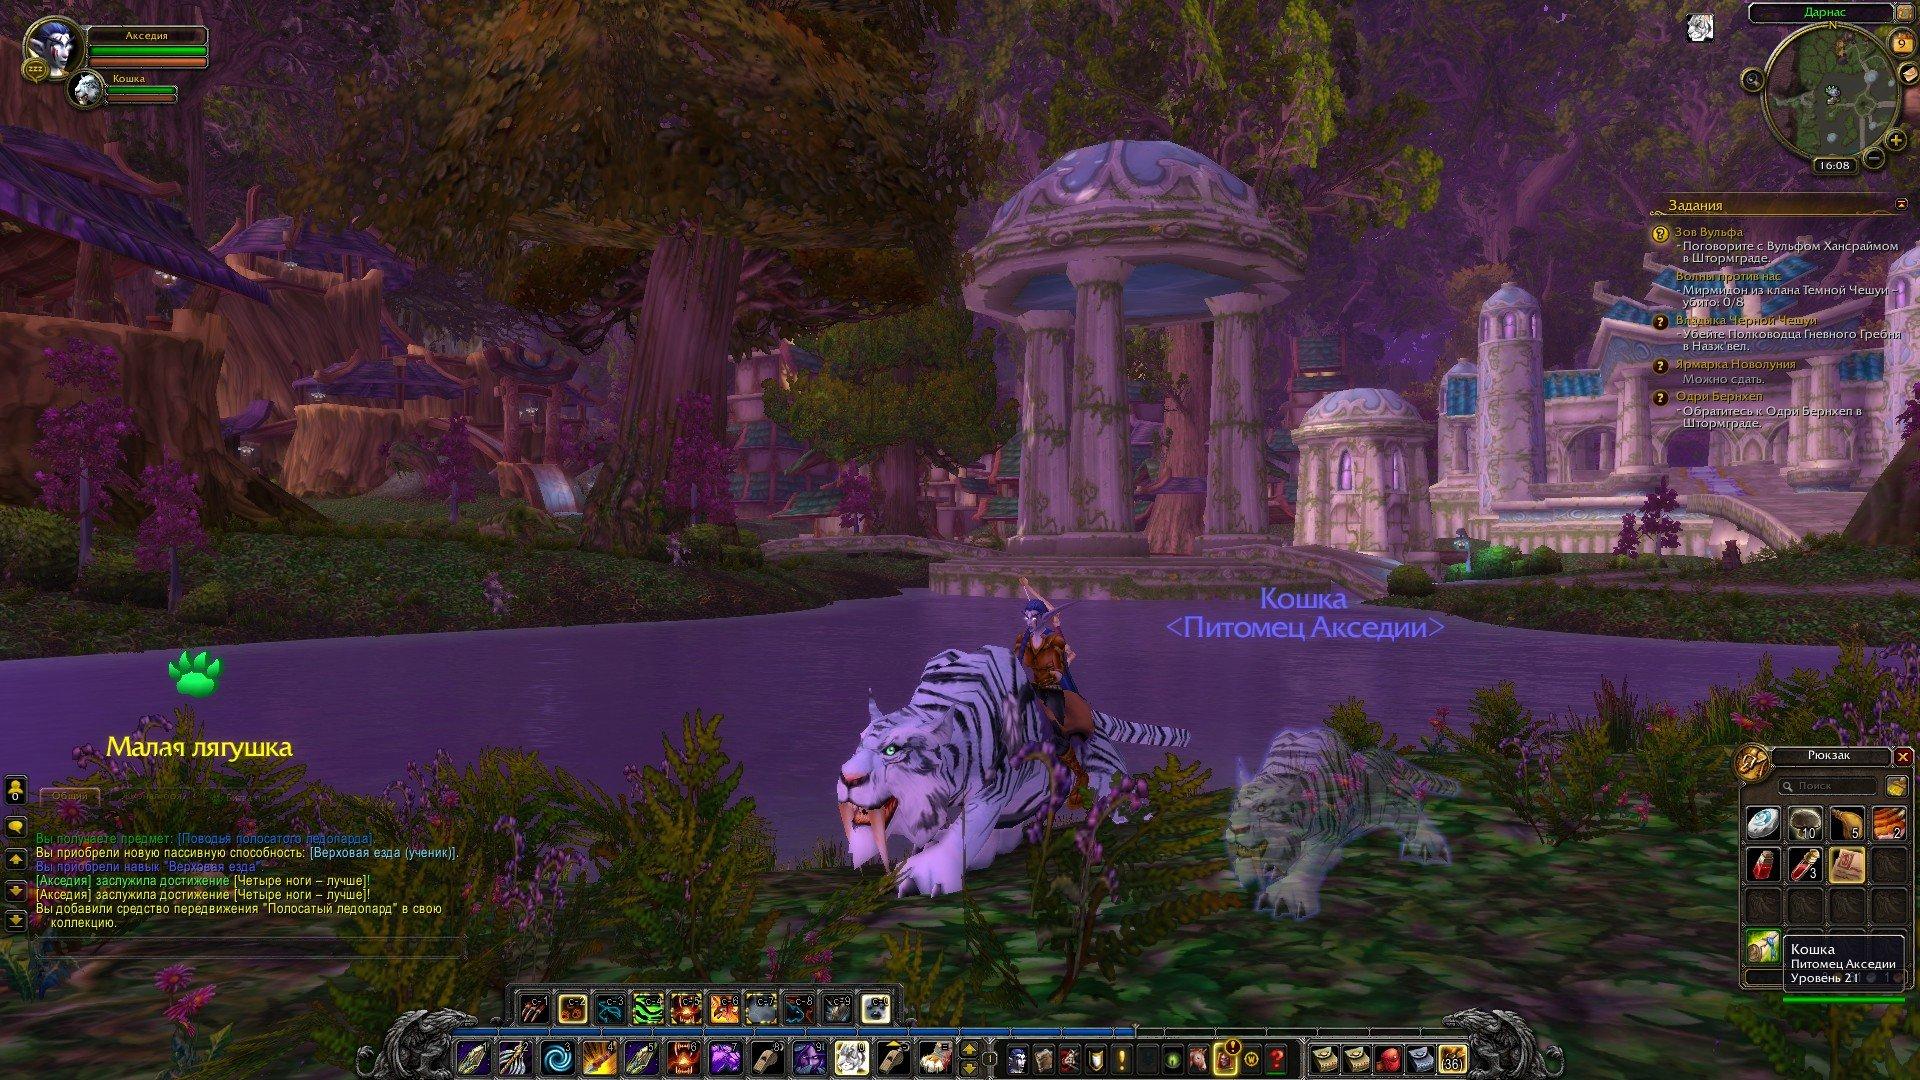 Путешествие по World of Warcraft ... Ночной Эльф. Глава 2. - Изображение 24